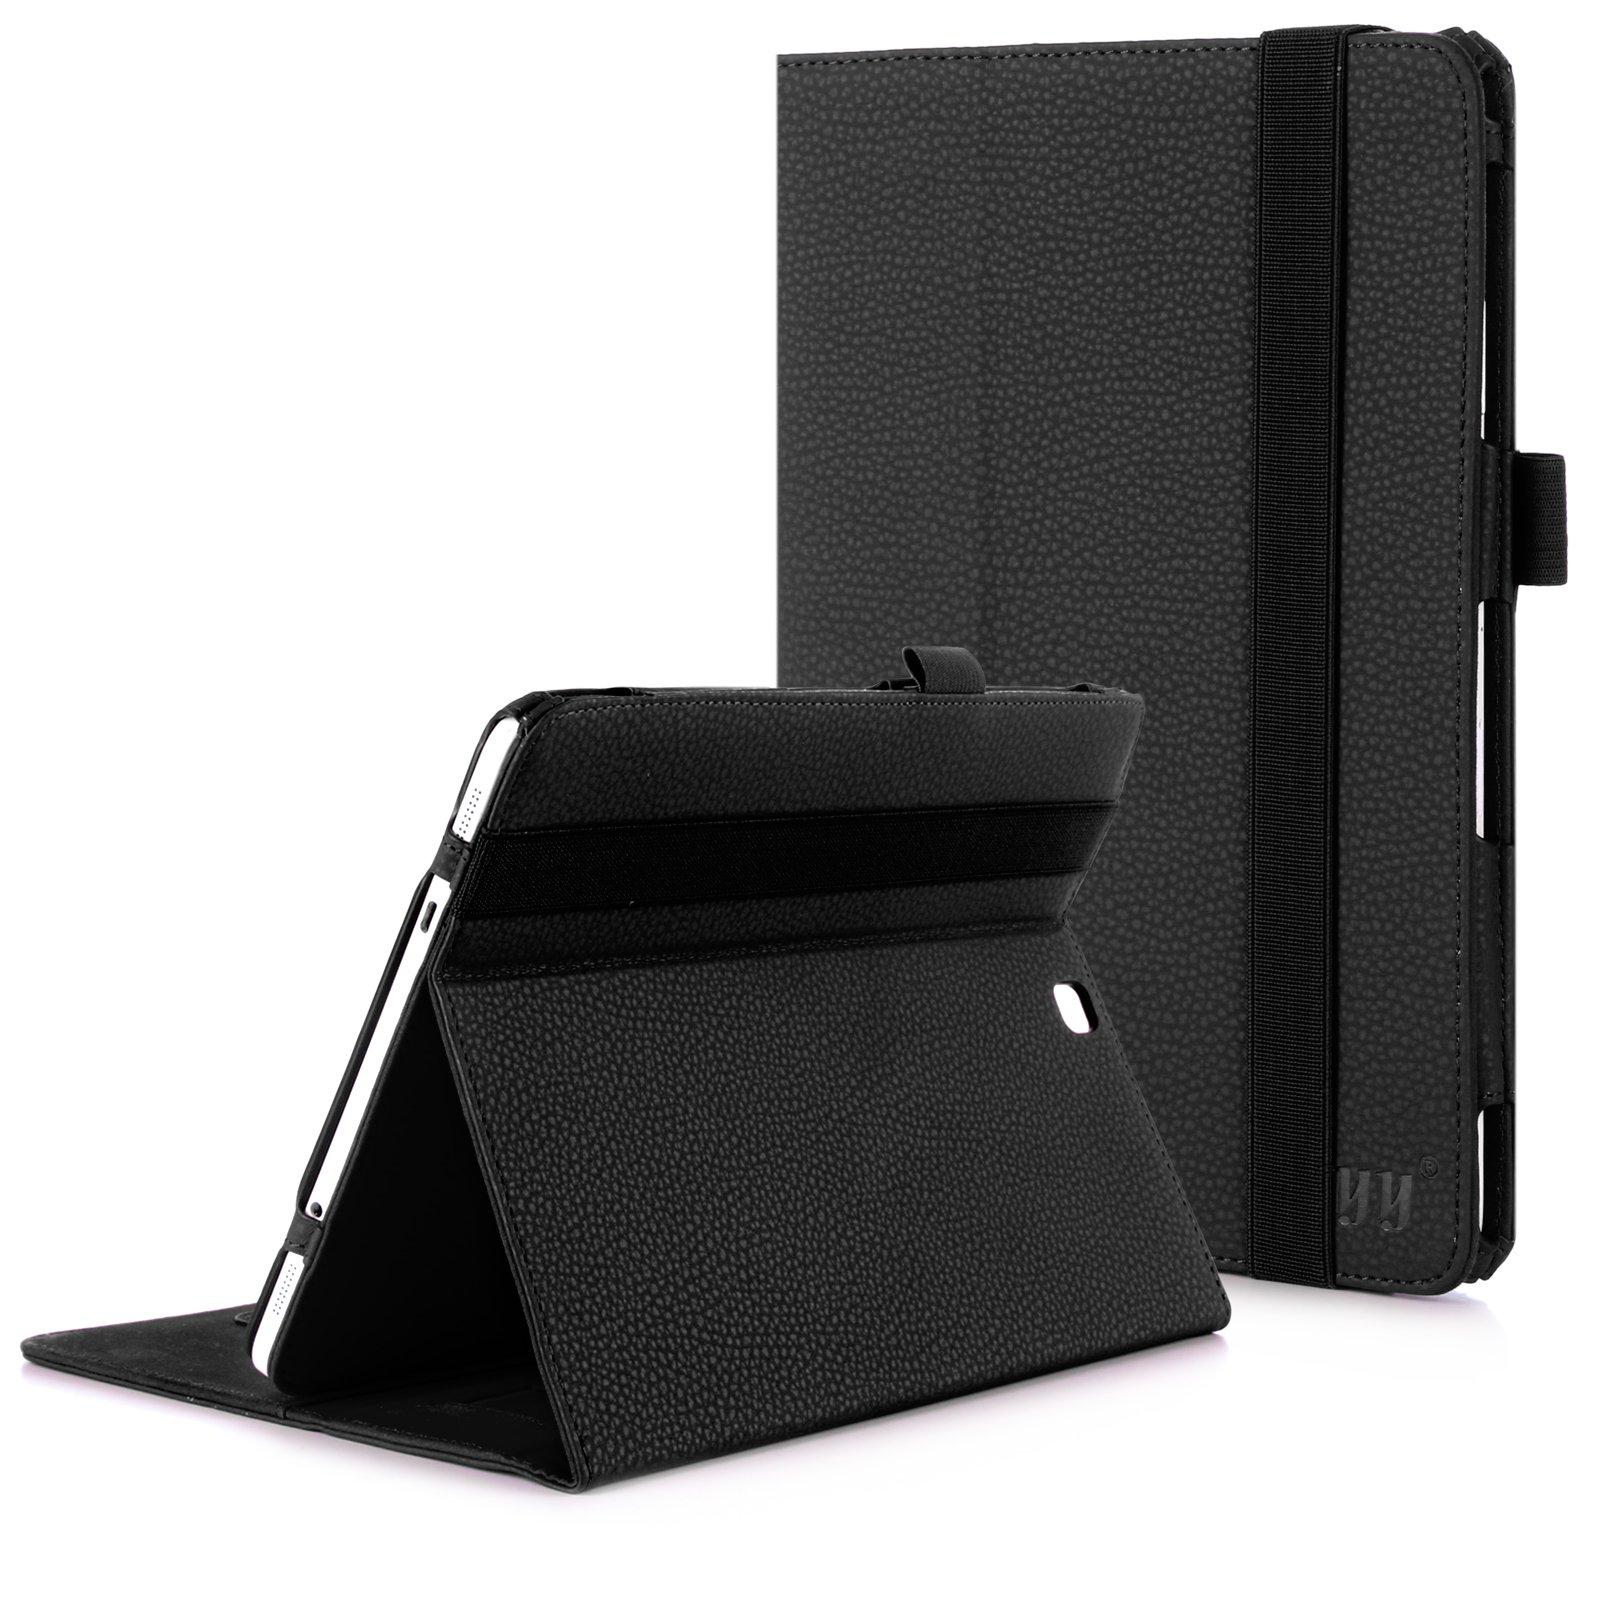 Funda Samsung Galaxy Tab S2 9.7 Fyy [13e62aq8]